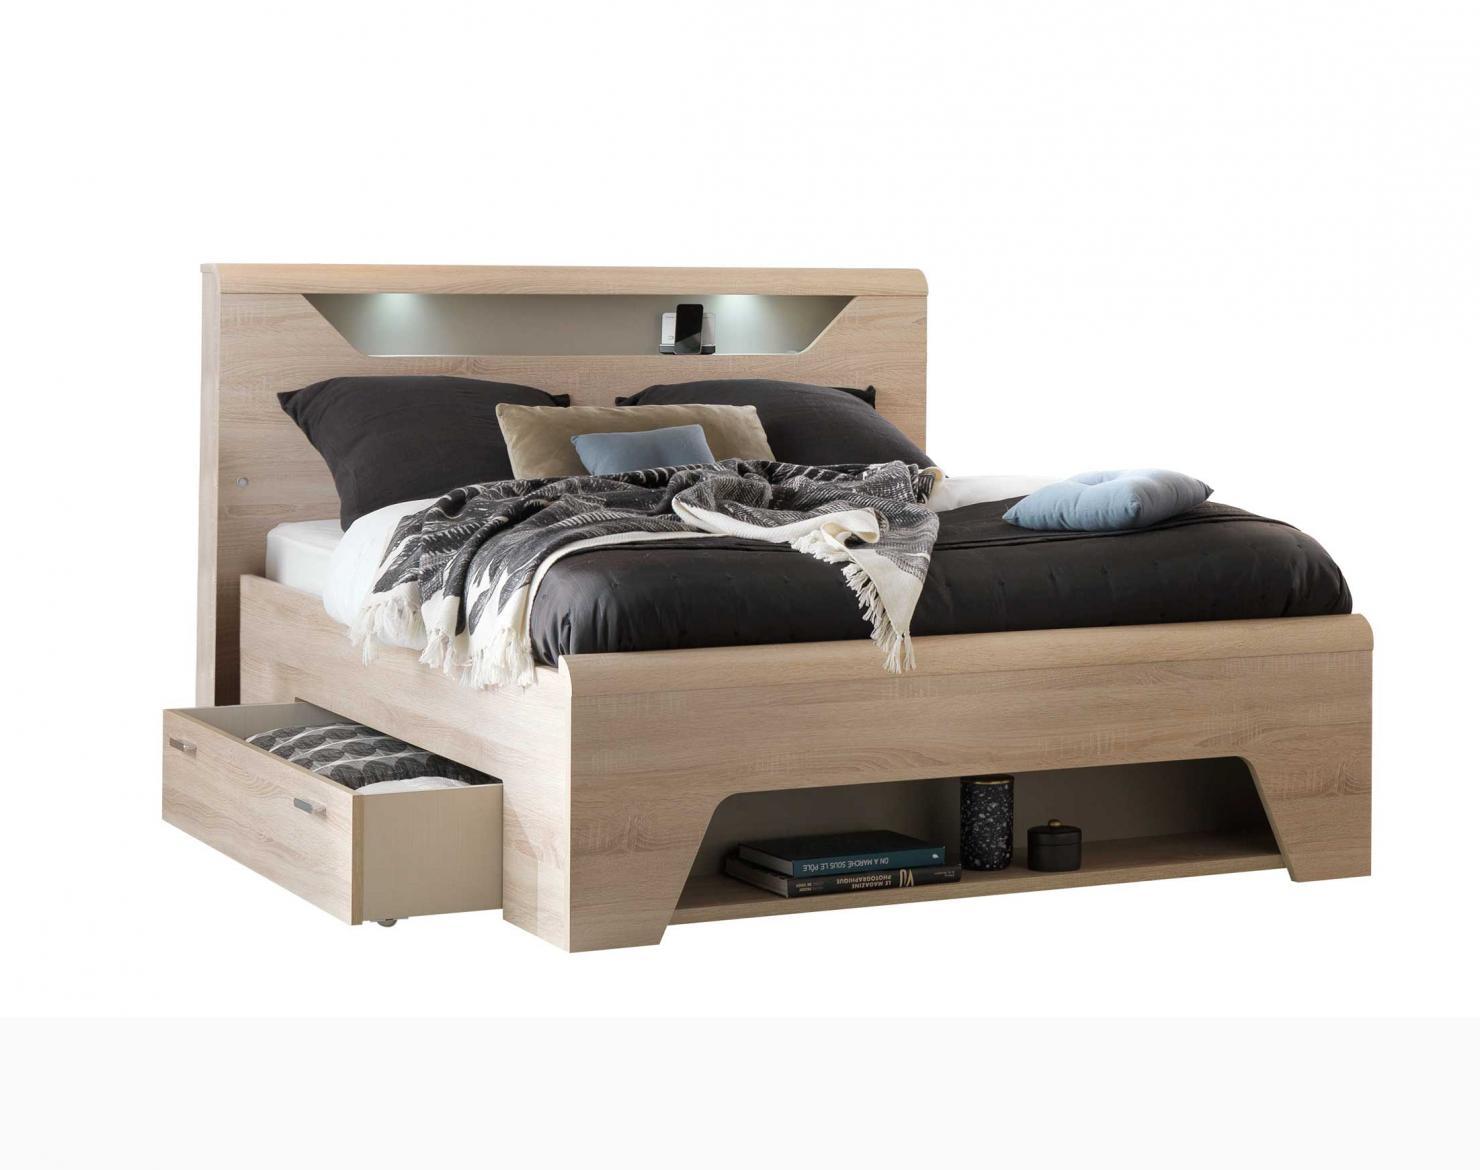 lit avec tete niche et cadre tiroirs